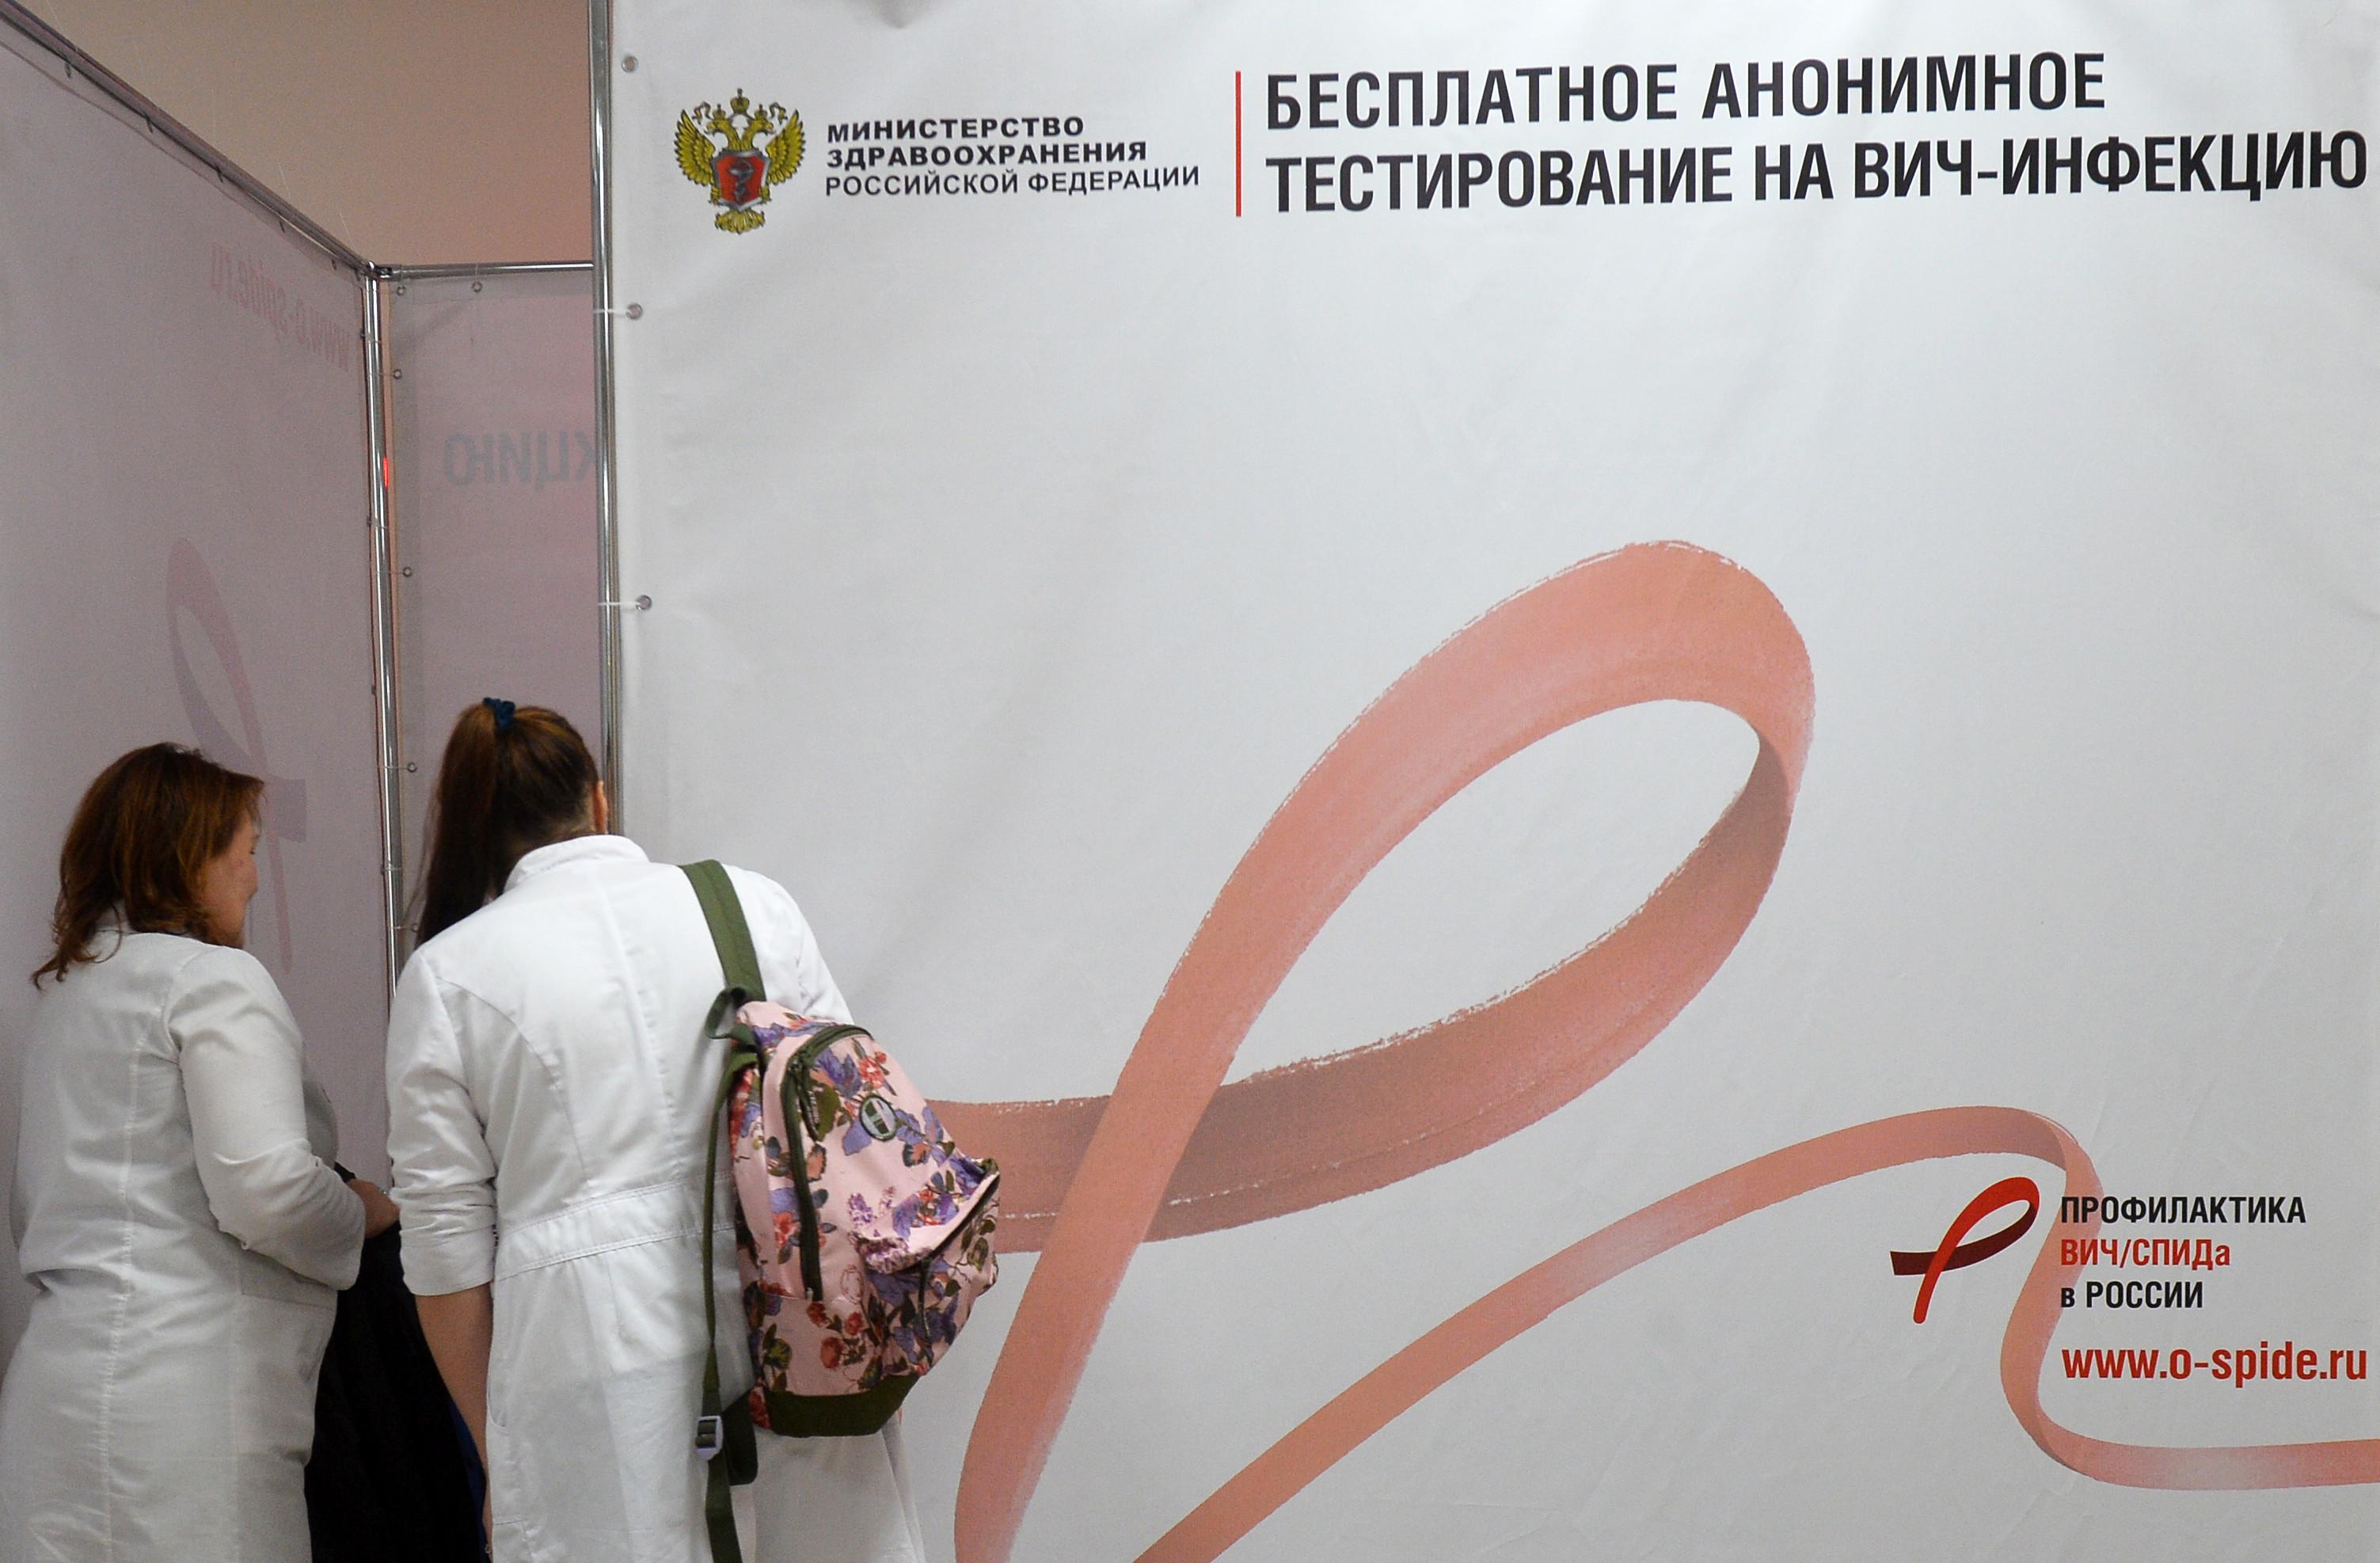 Фото: © РИА Новости/ Максим Богодвид